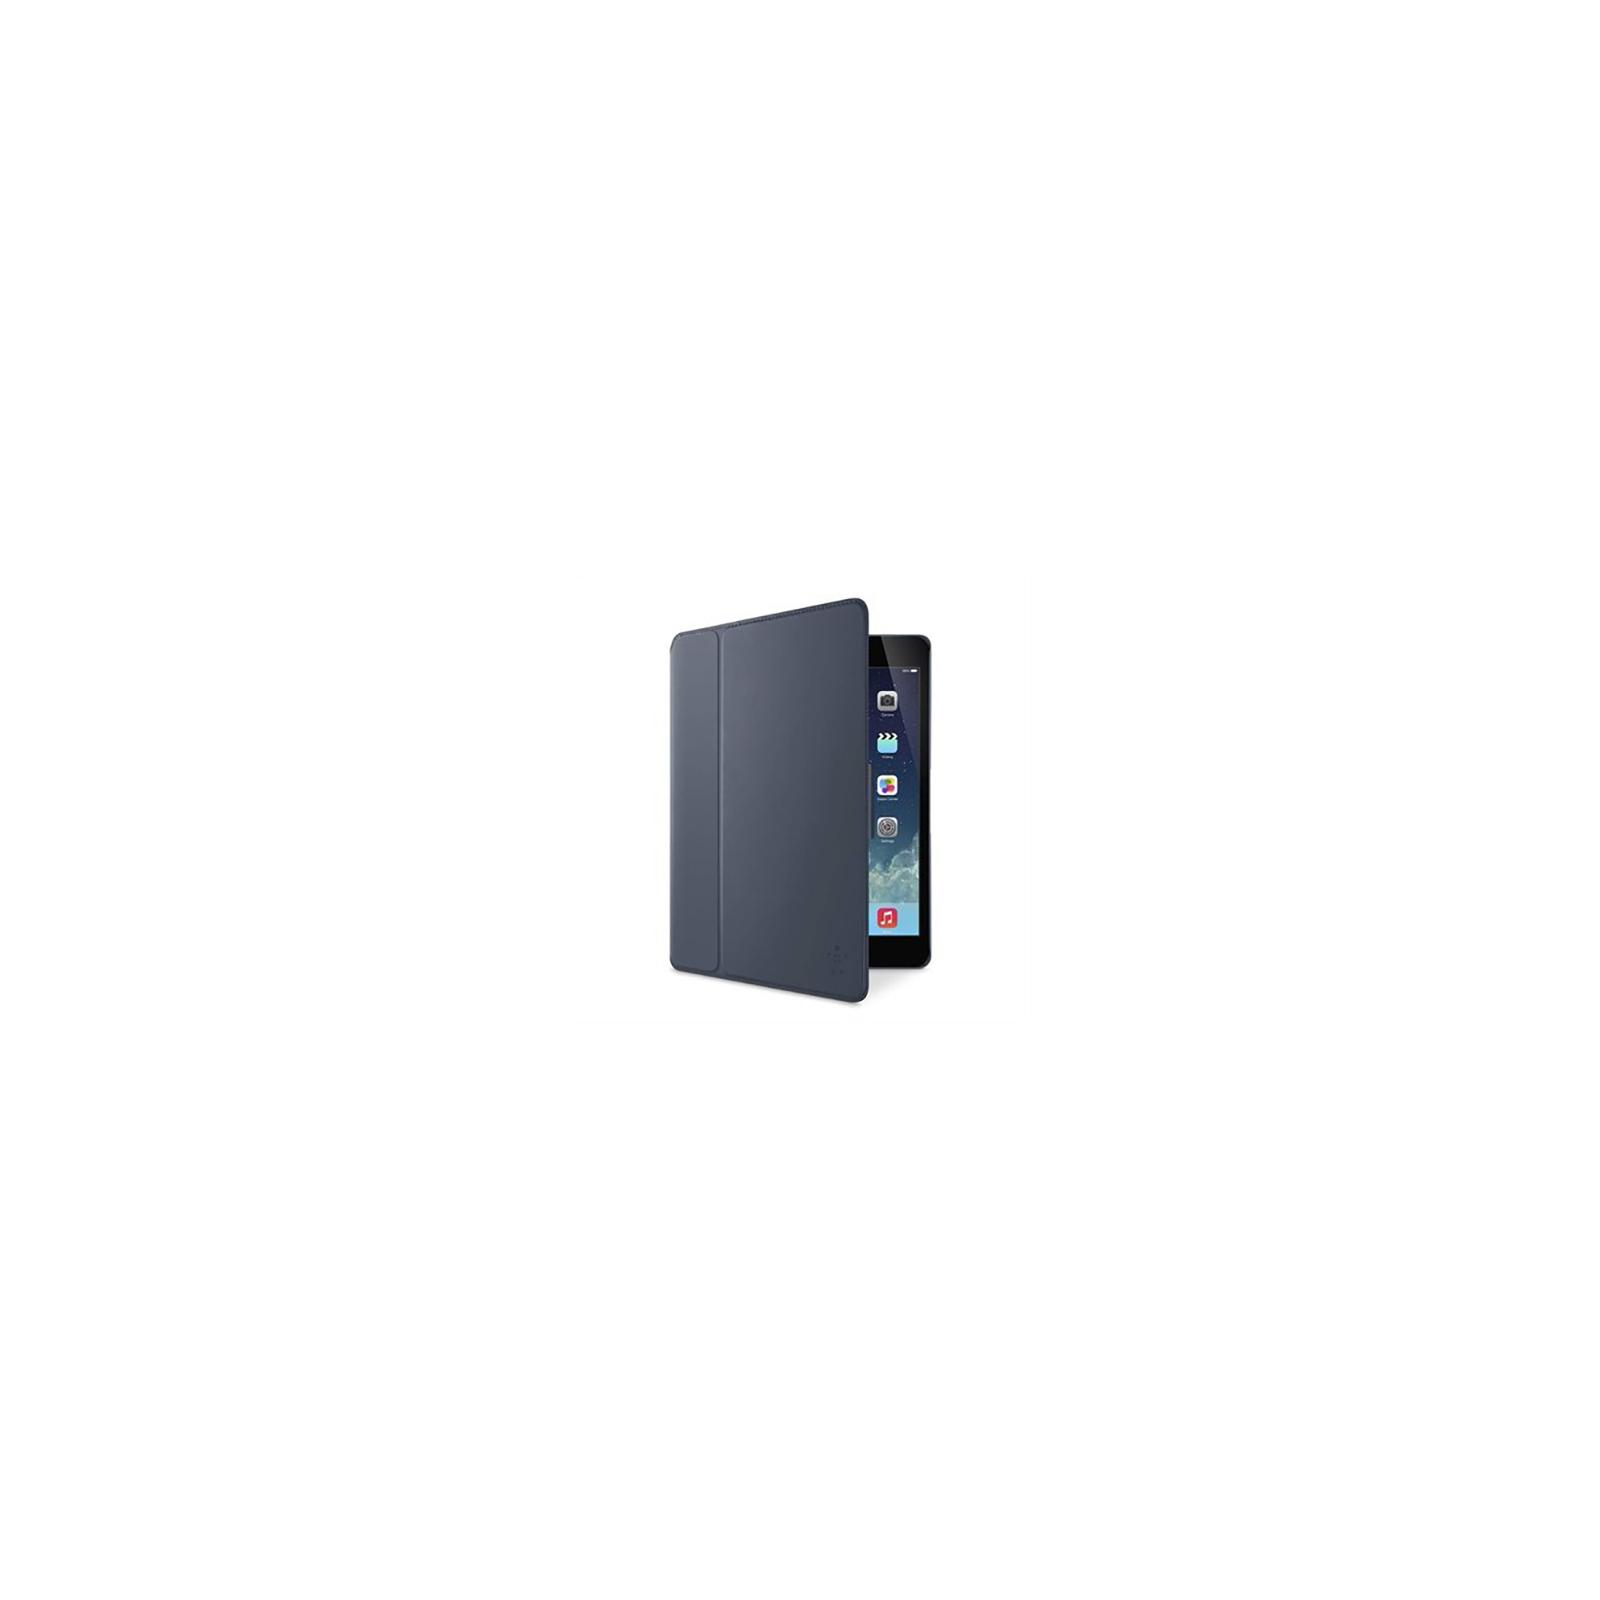 Чехол для планшета Belkin iPad Air Slate FreeStyle Cover (F7N100B2C01) изображение 2